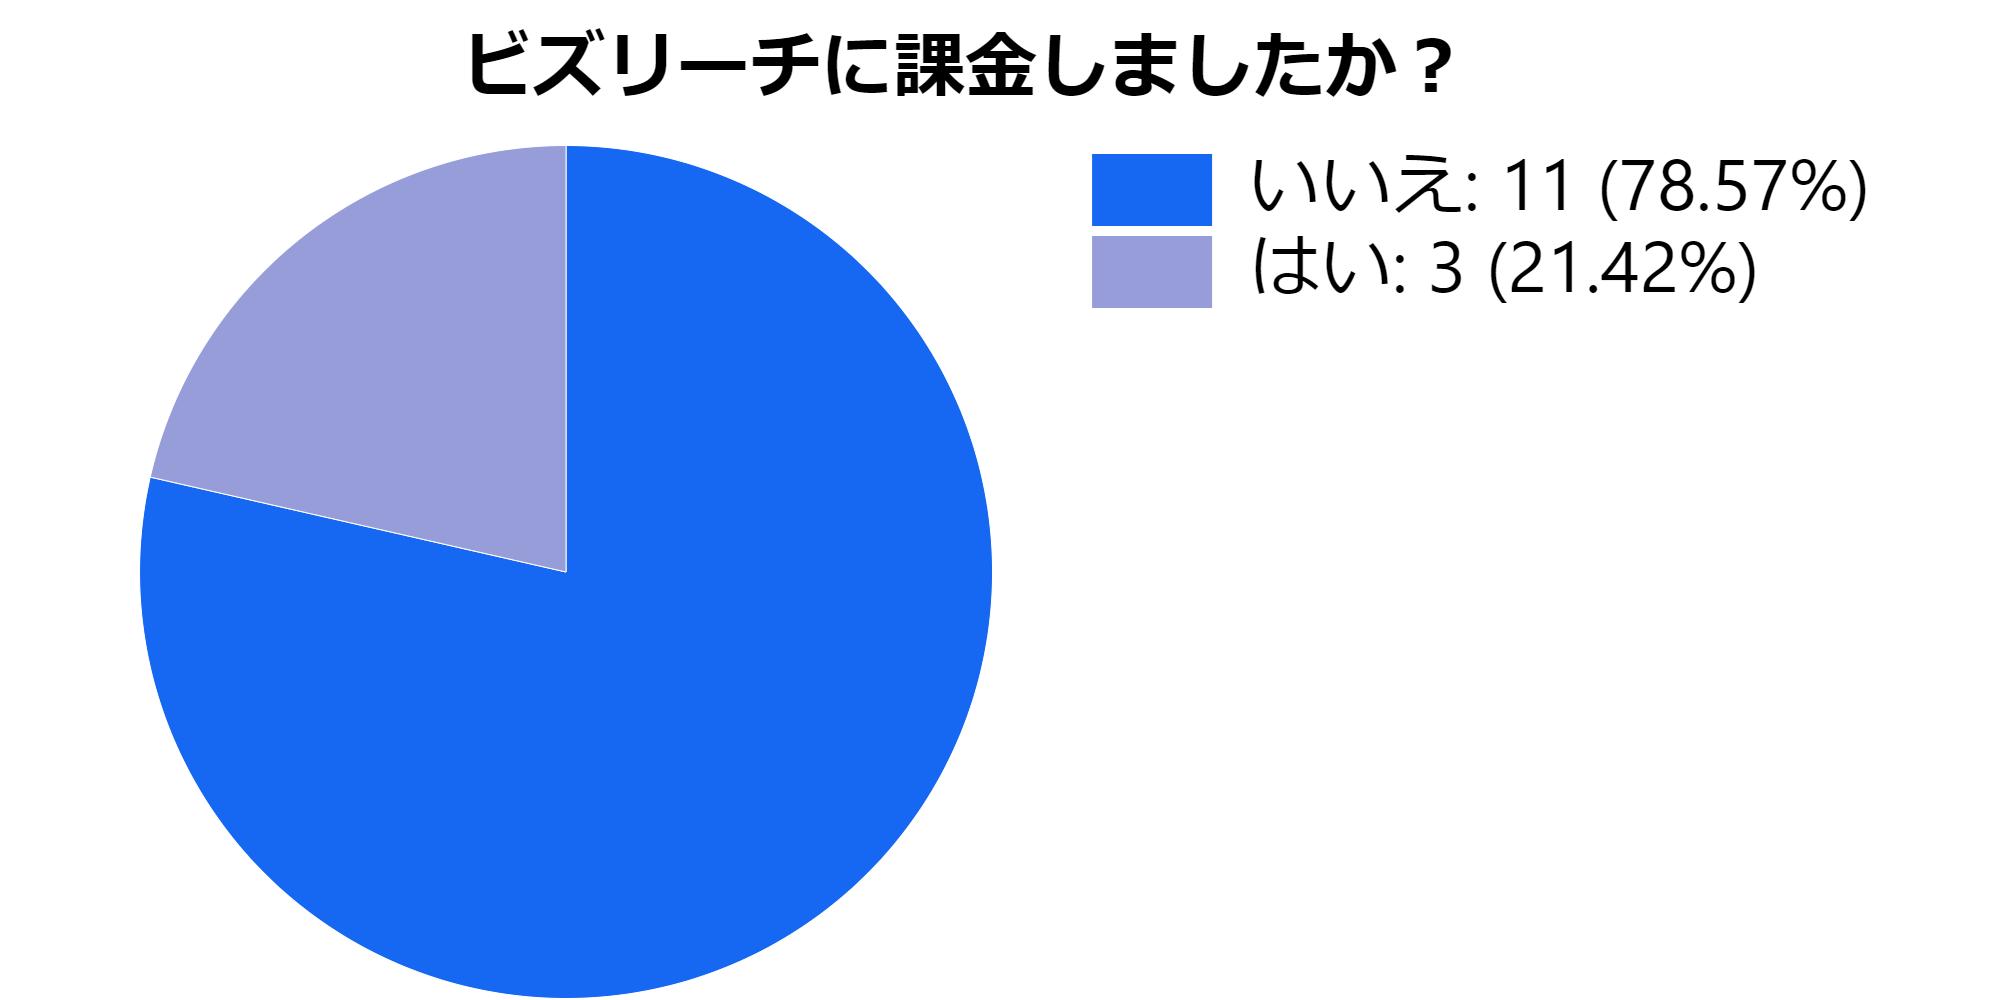 ビズリーチに課金した割合の円グラフ